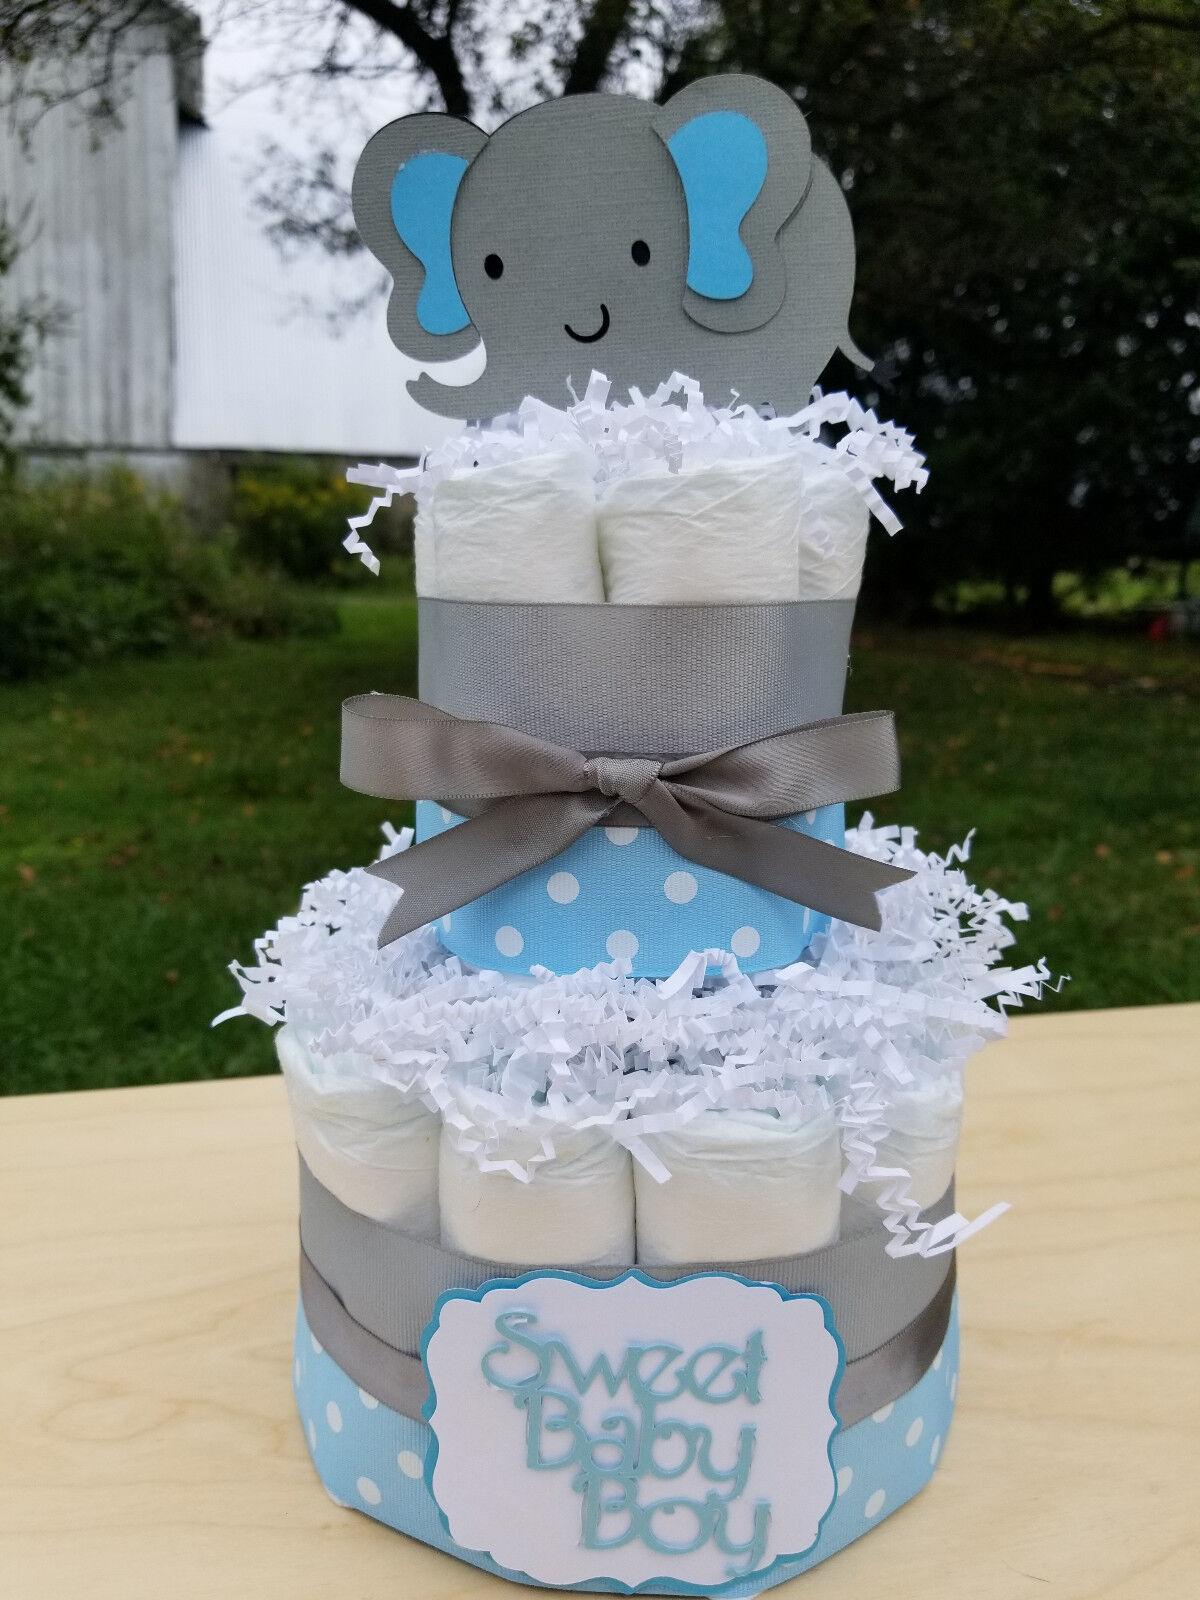 2 Tier Diaper Cake - Blue Elephant Theme Diaper Cake for Bab